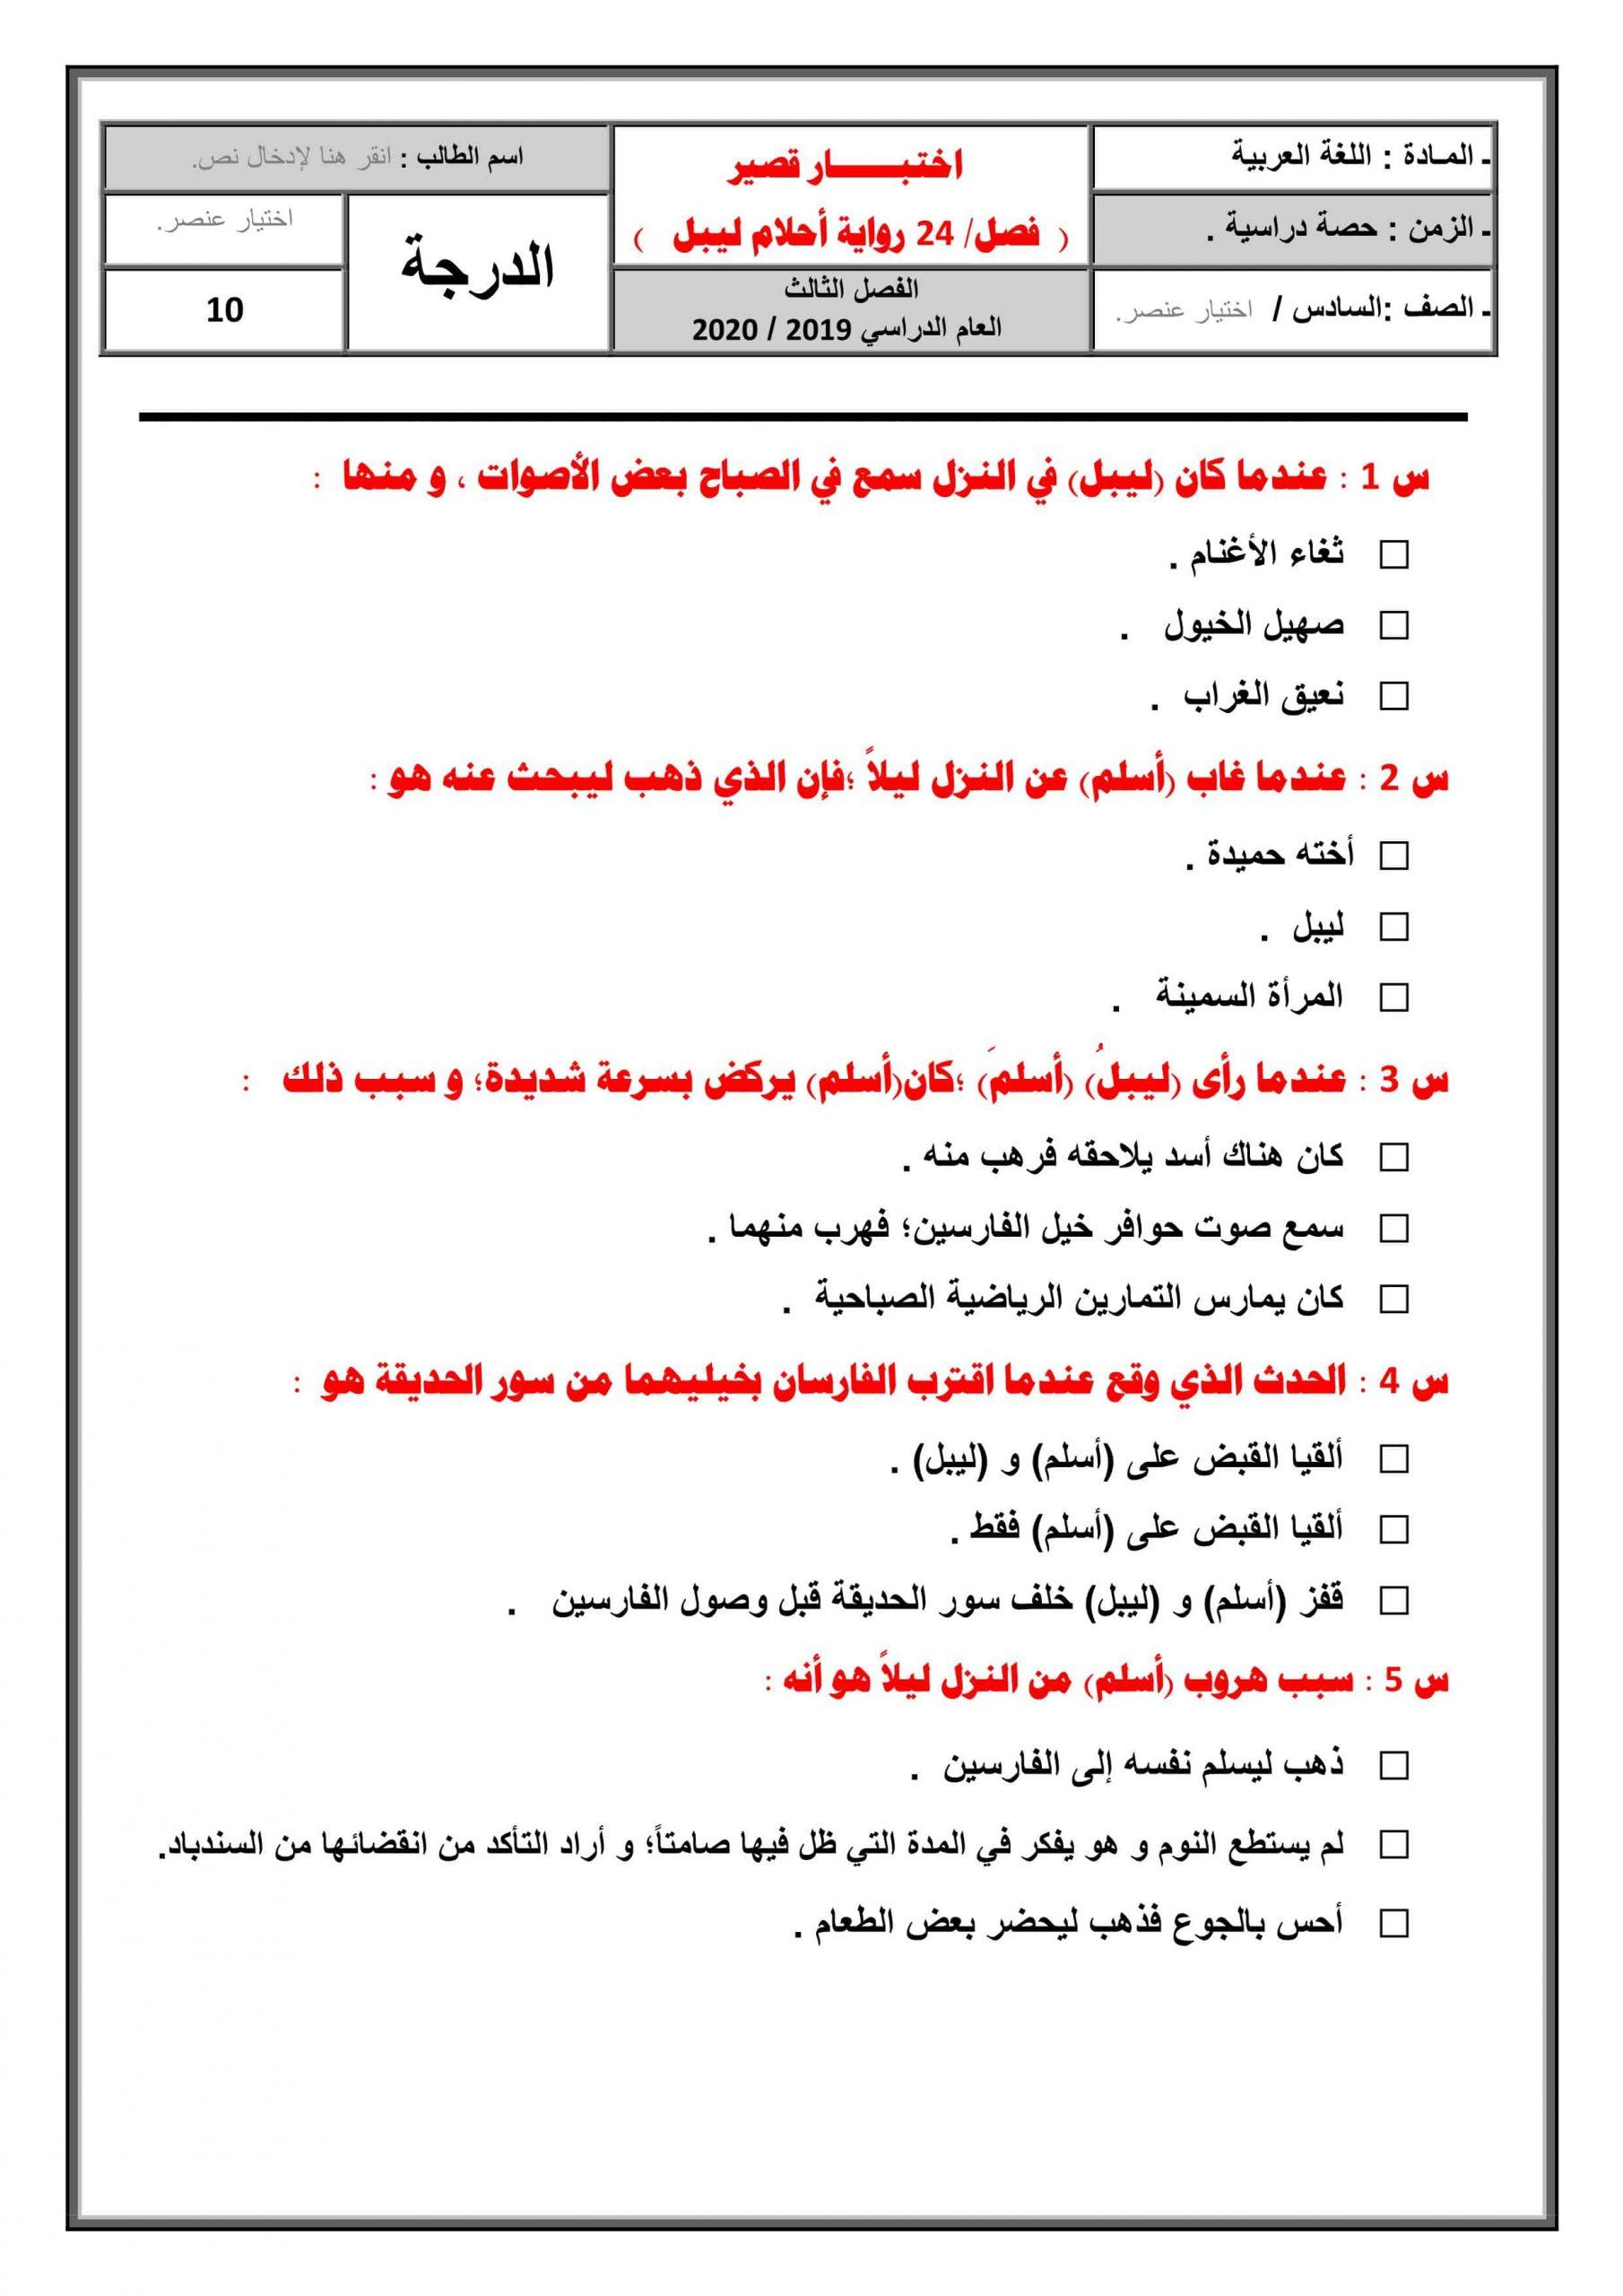 اختبار قصير لرواية أحلام ليبل السعيدة الفصل الرابع والعشرون الصف السادس مادة اللغة العربية